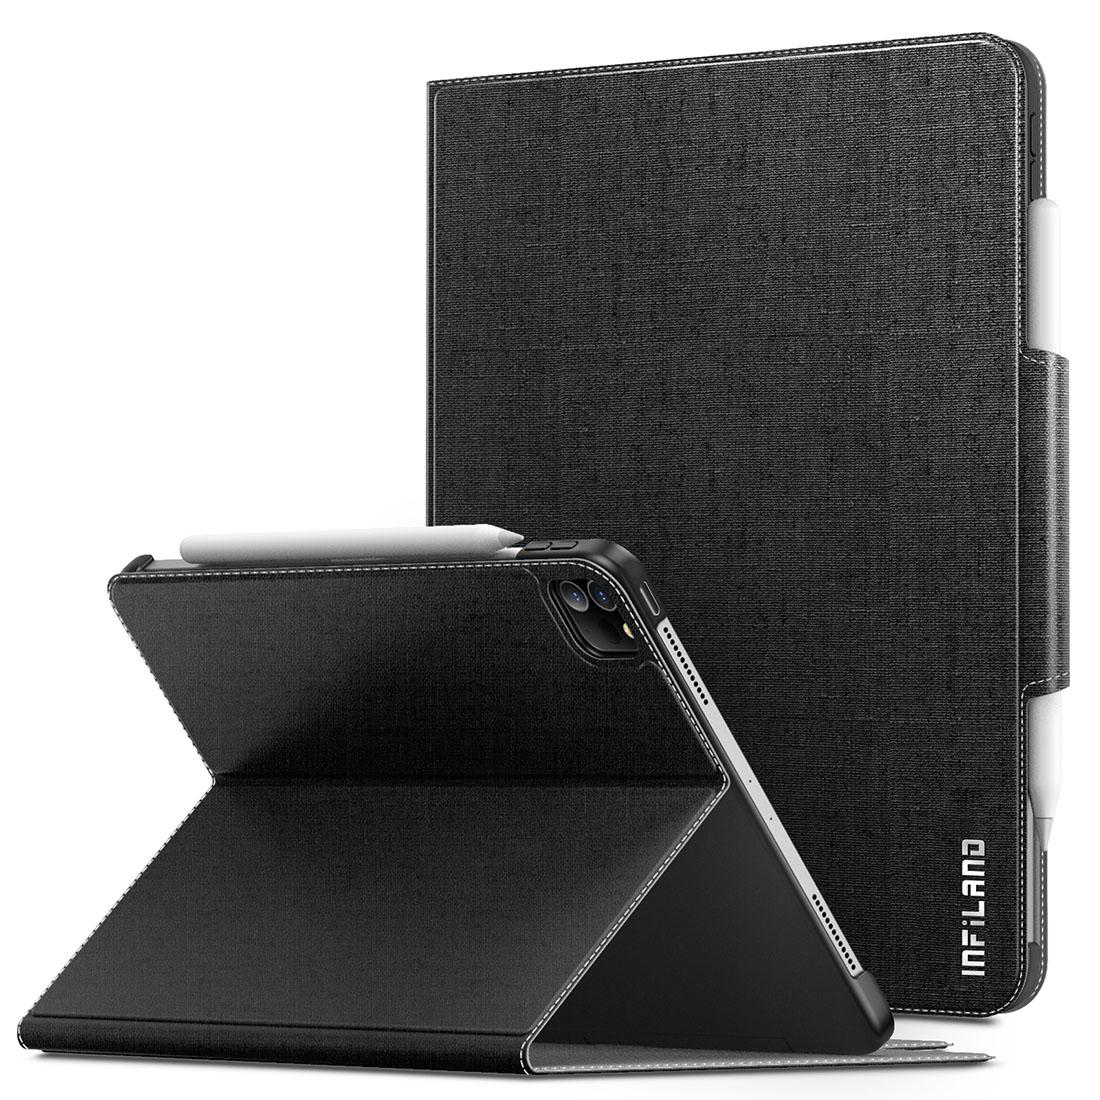 Capa Premium Classic Séries iPad Pro 11 2020 2ªg A2228 A2068 c/ Função Wake Sleep e Suporte Apple Pencil